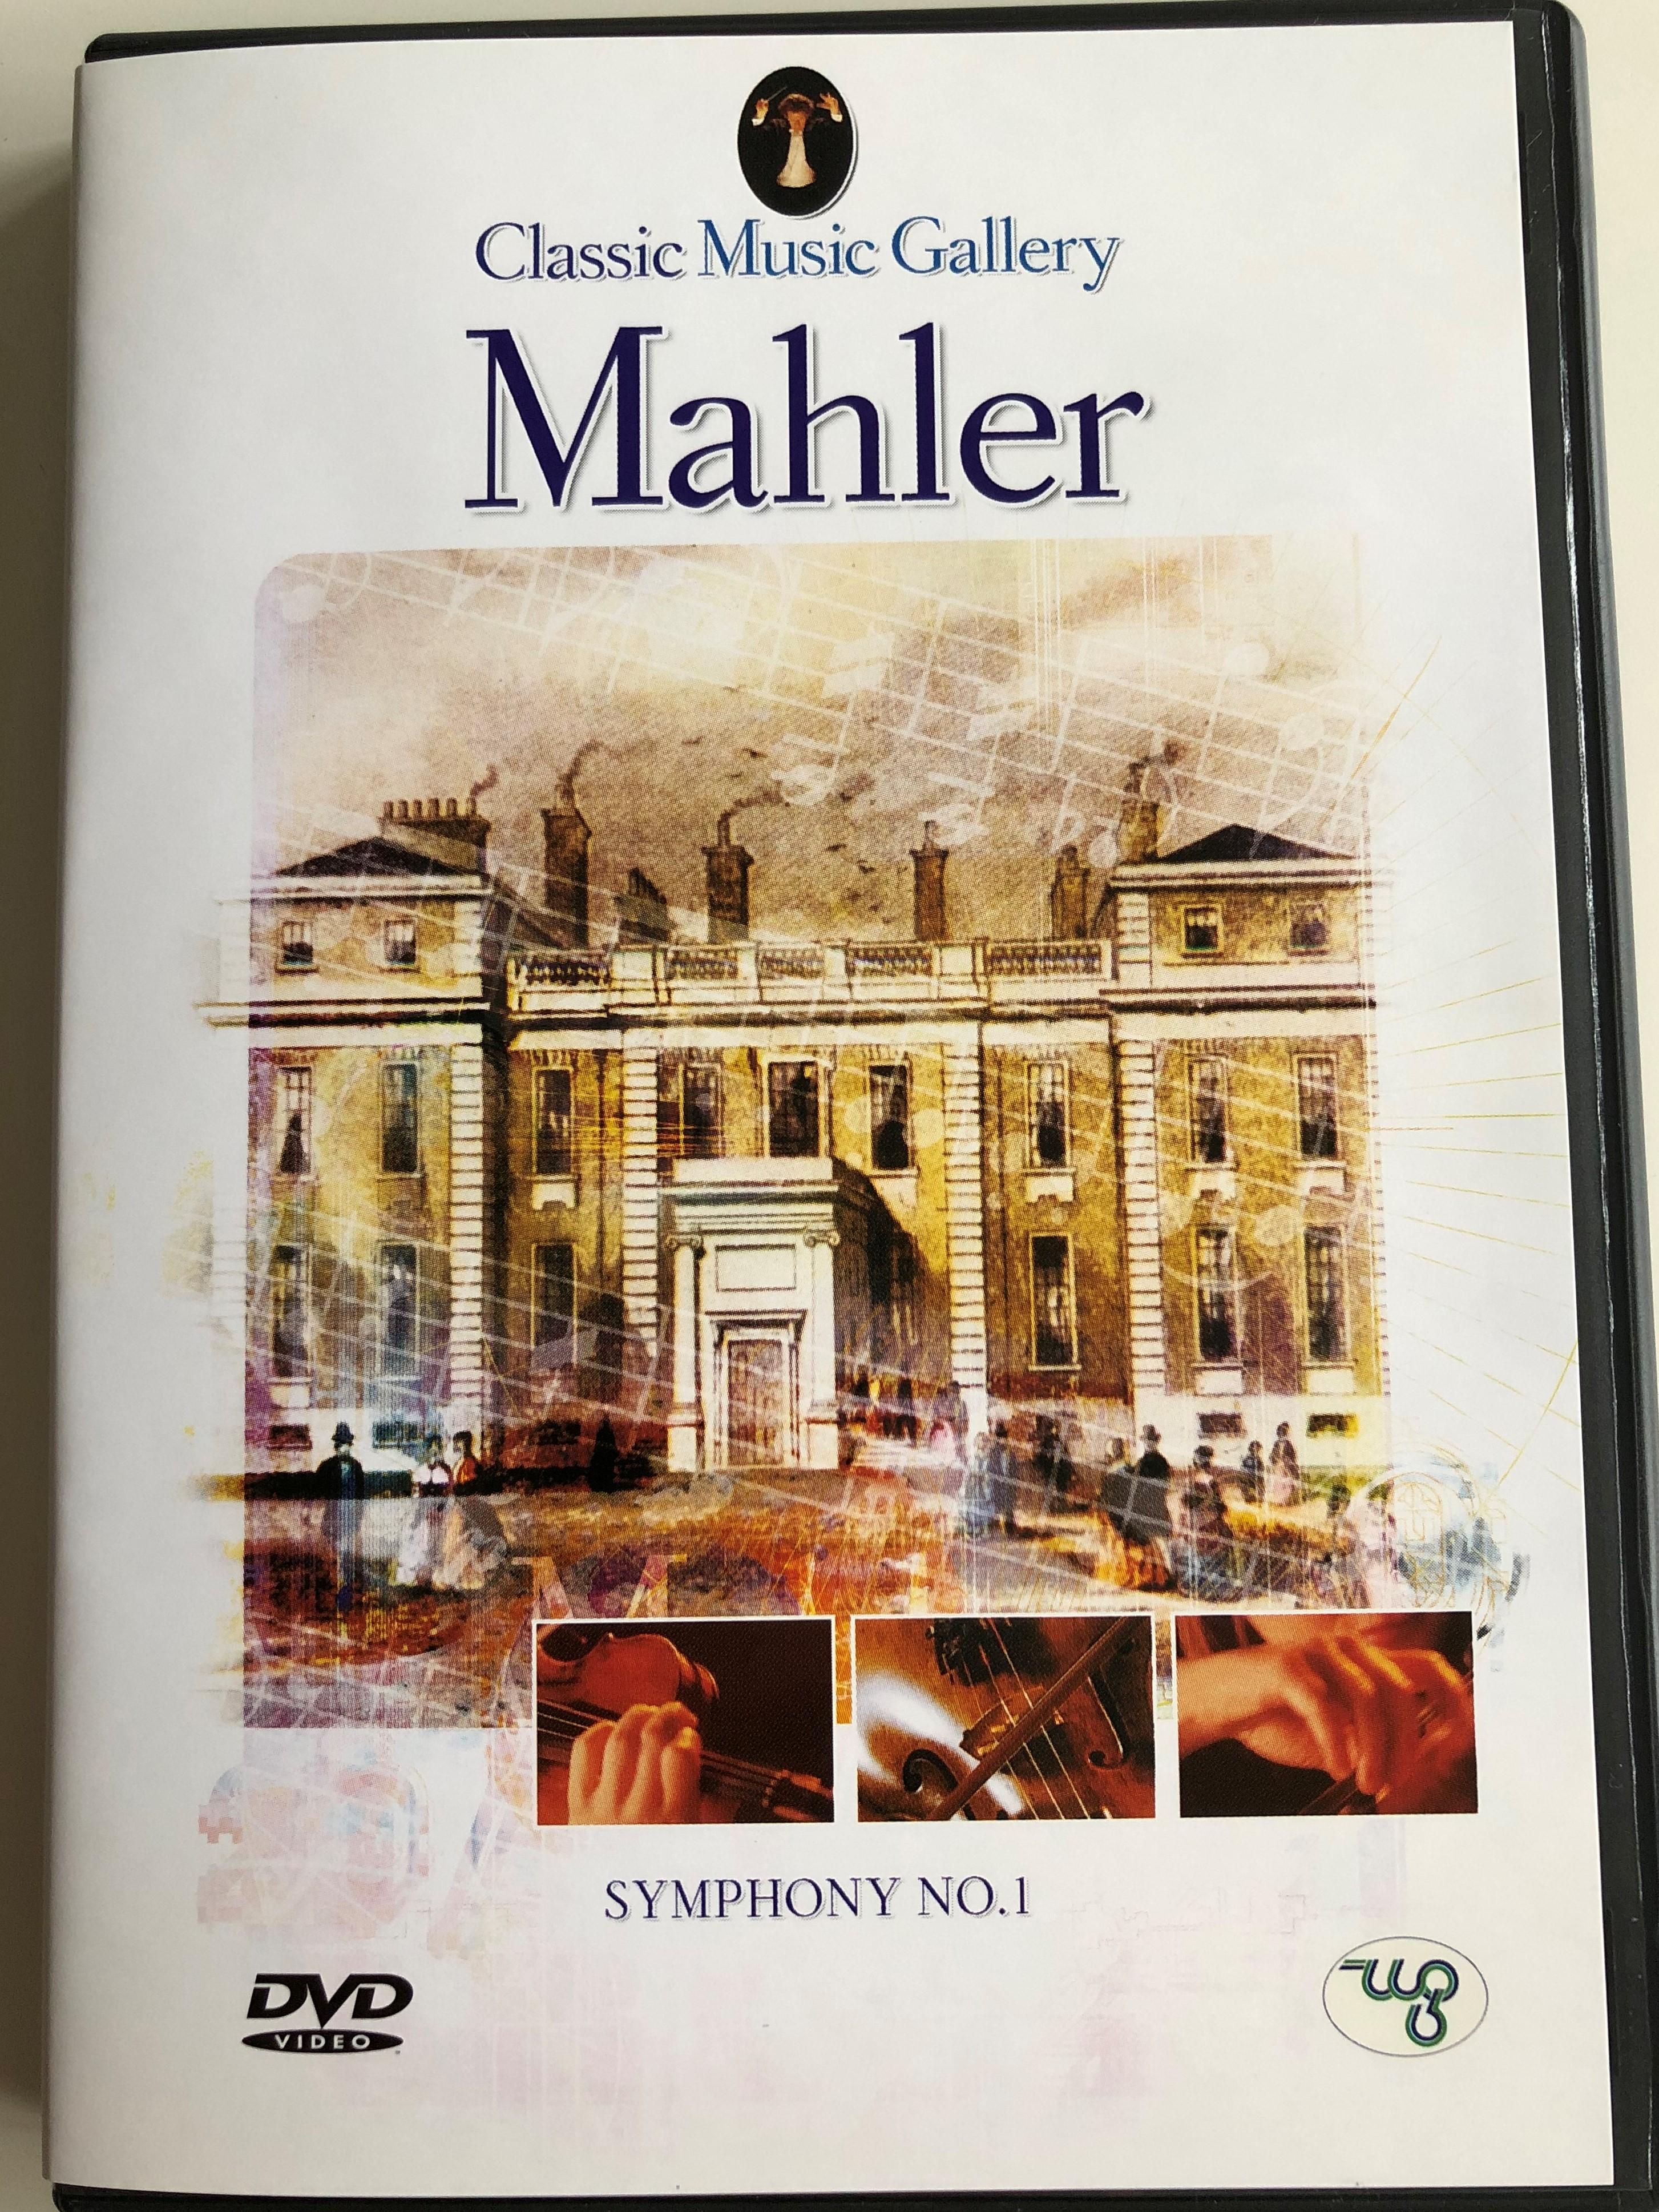 mahler-symphony-no.-1-dvd-classic-music-gallery-ljubljana-symphony-orchestra-1.jpg